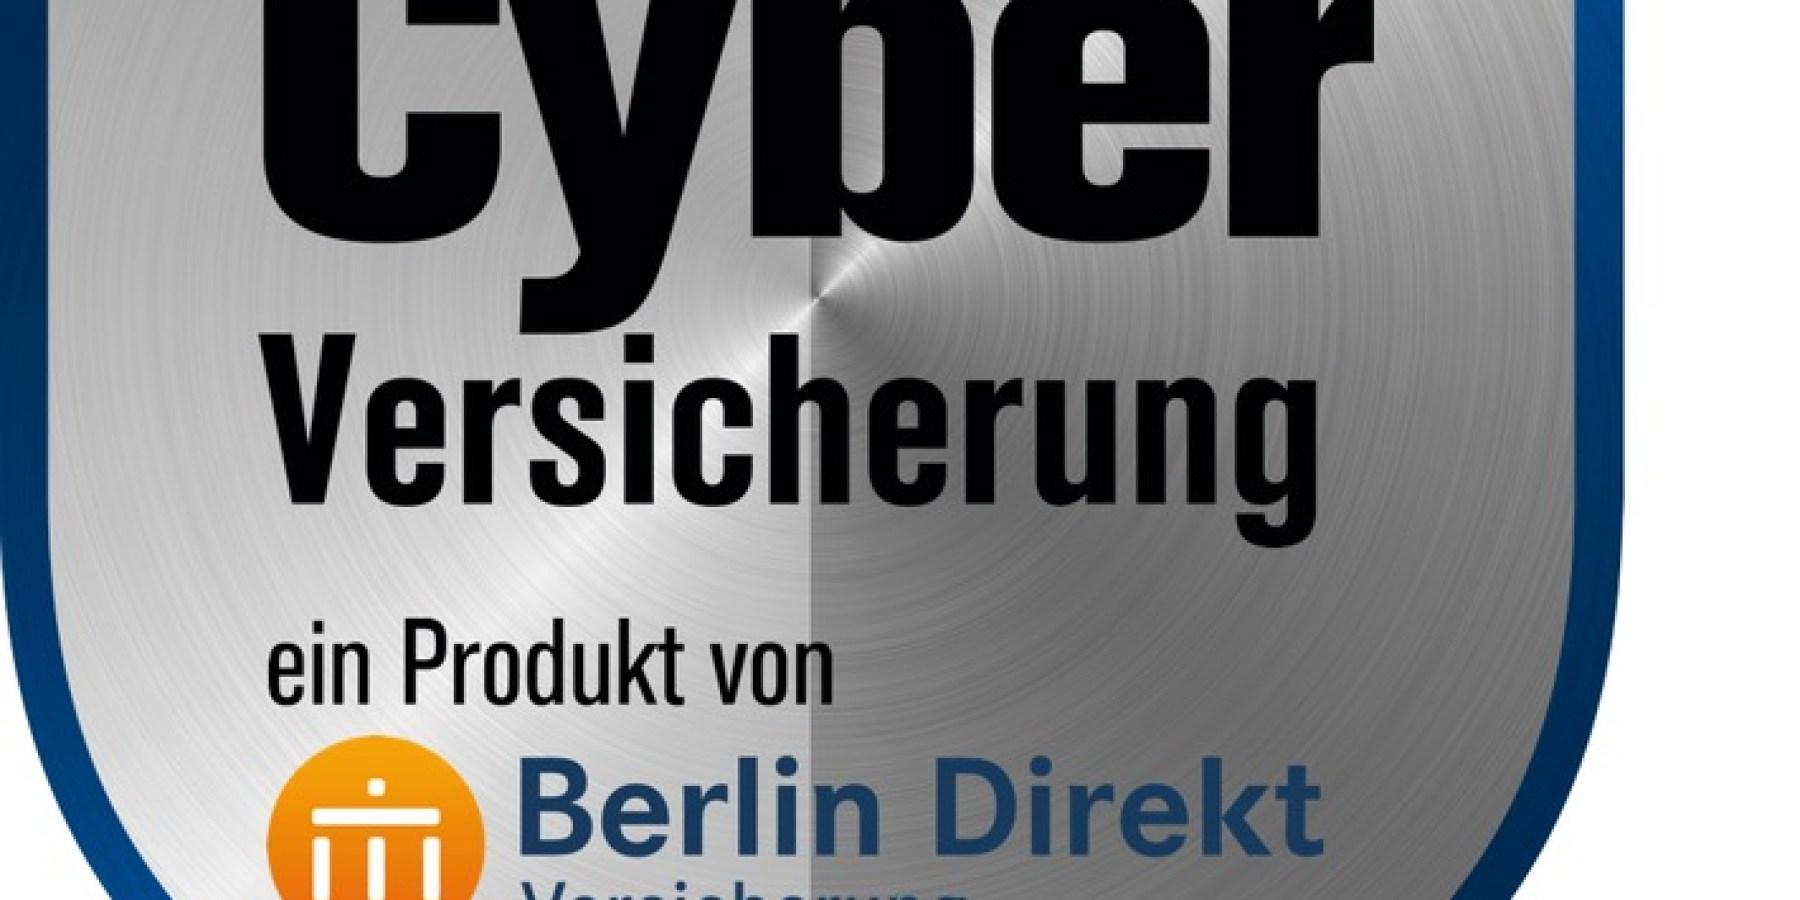 CyberVersicherung: Das Rundum-sorglos-Paket für alle Nutzer